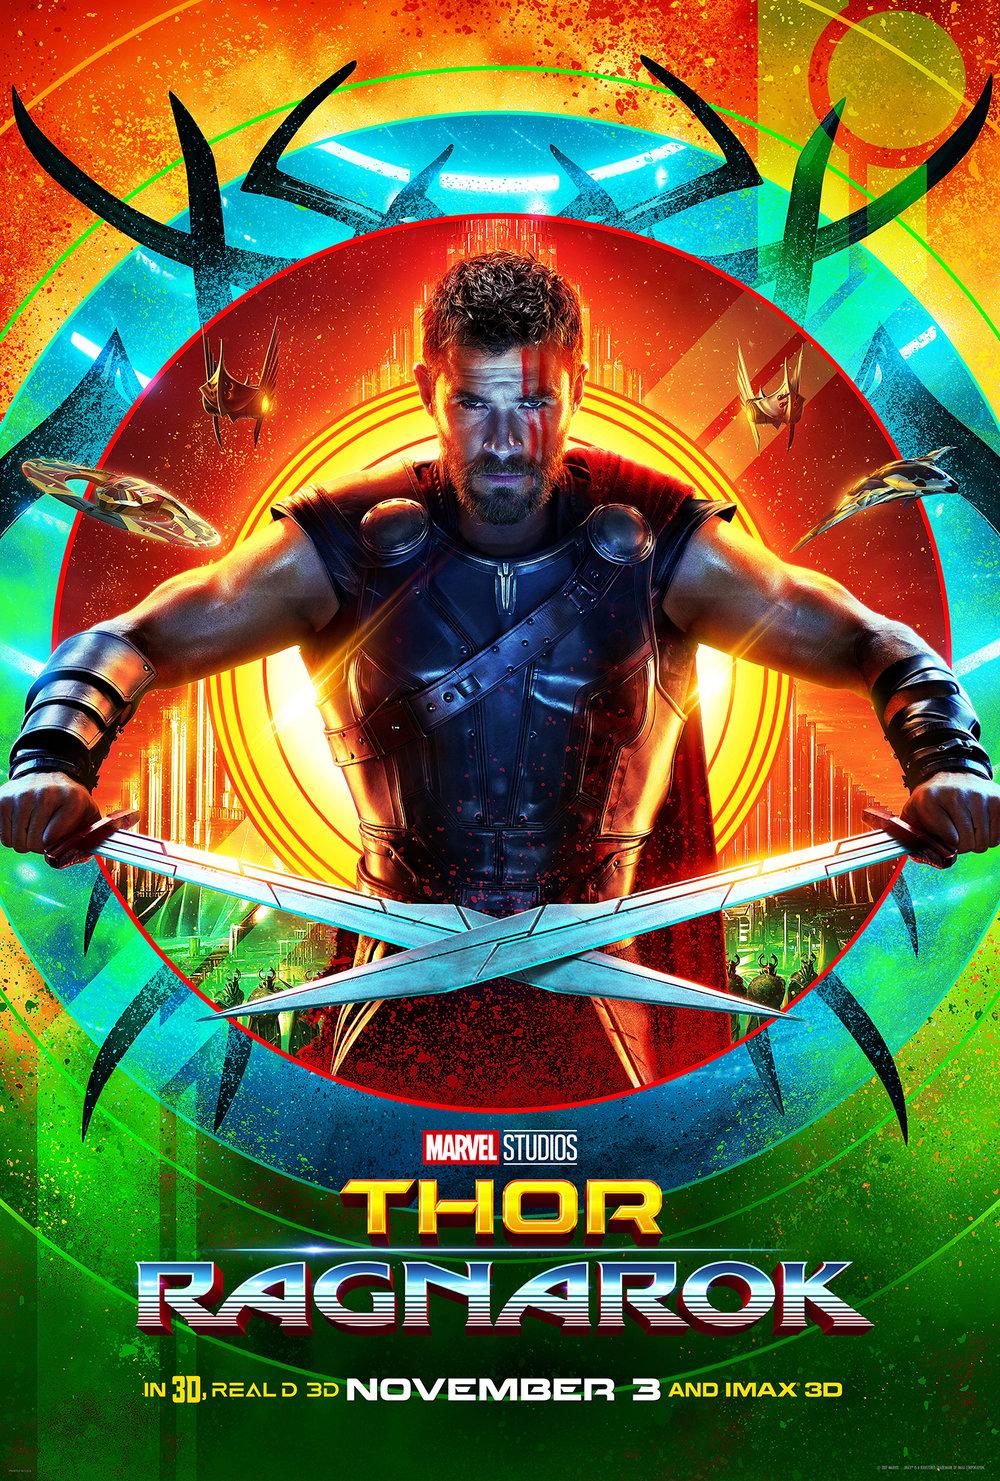 Thor_Swirl_1-Sht_Thor_v1.jpg